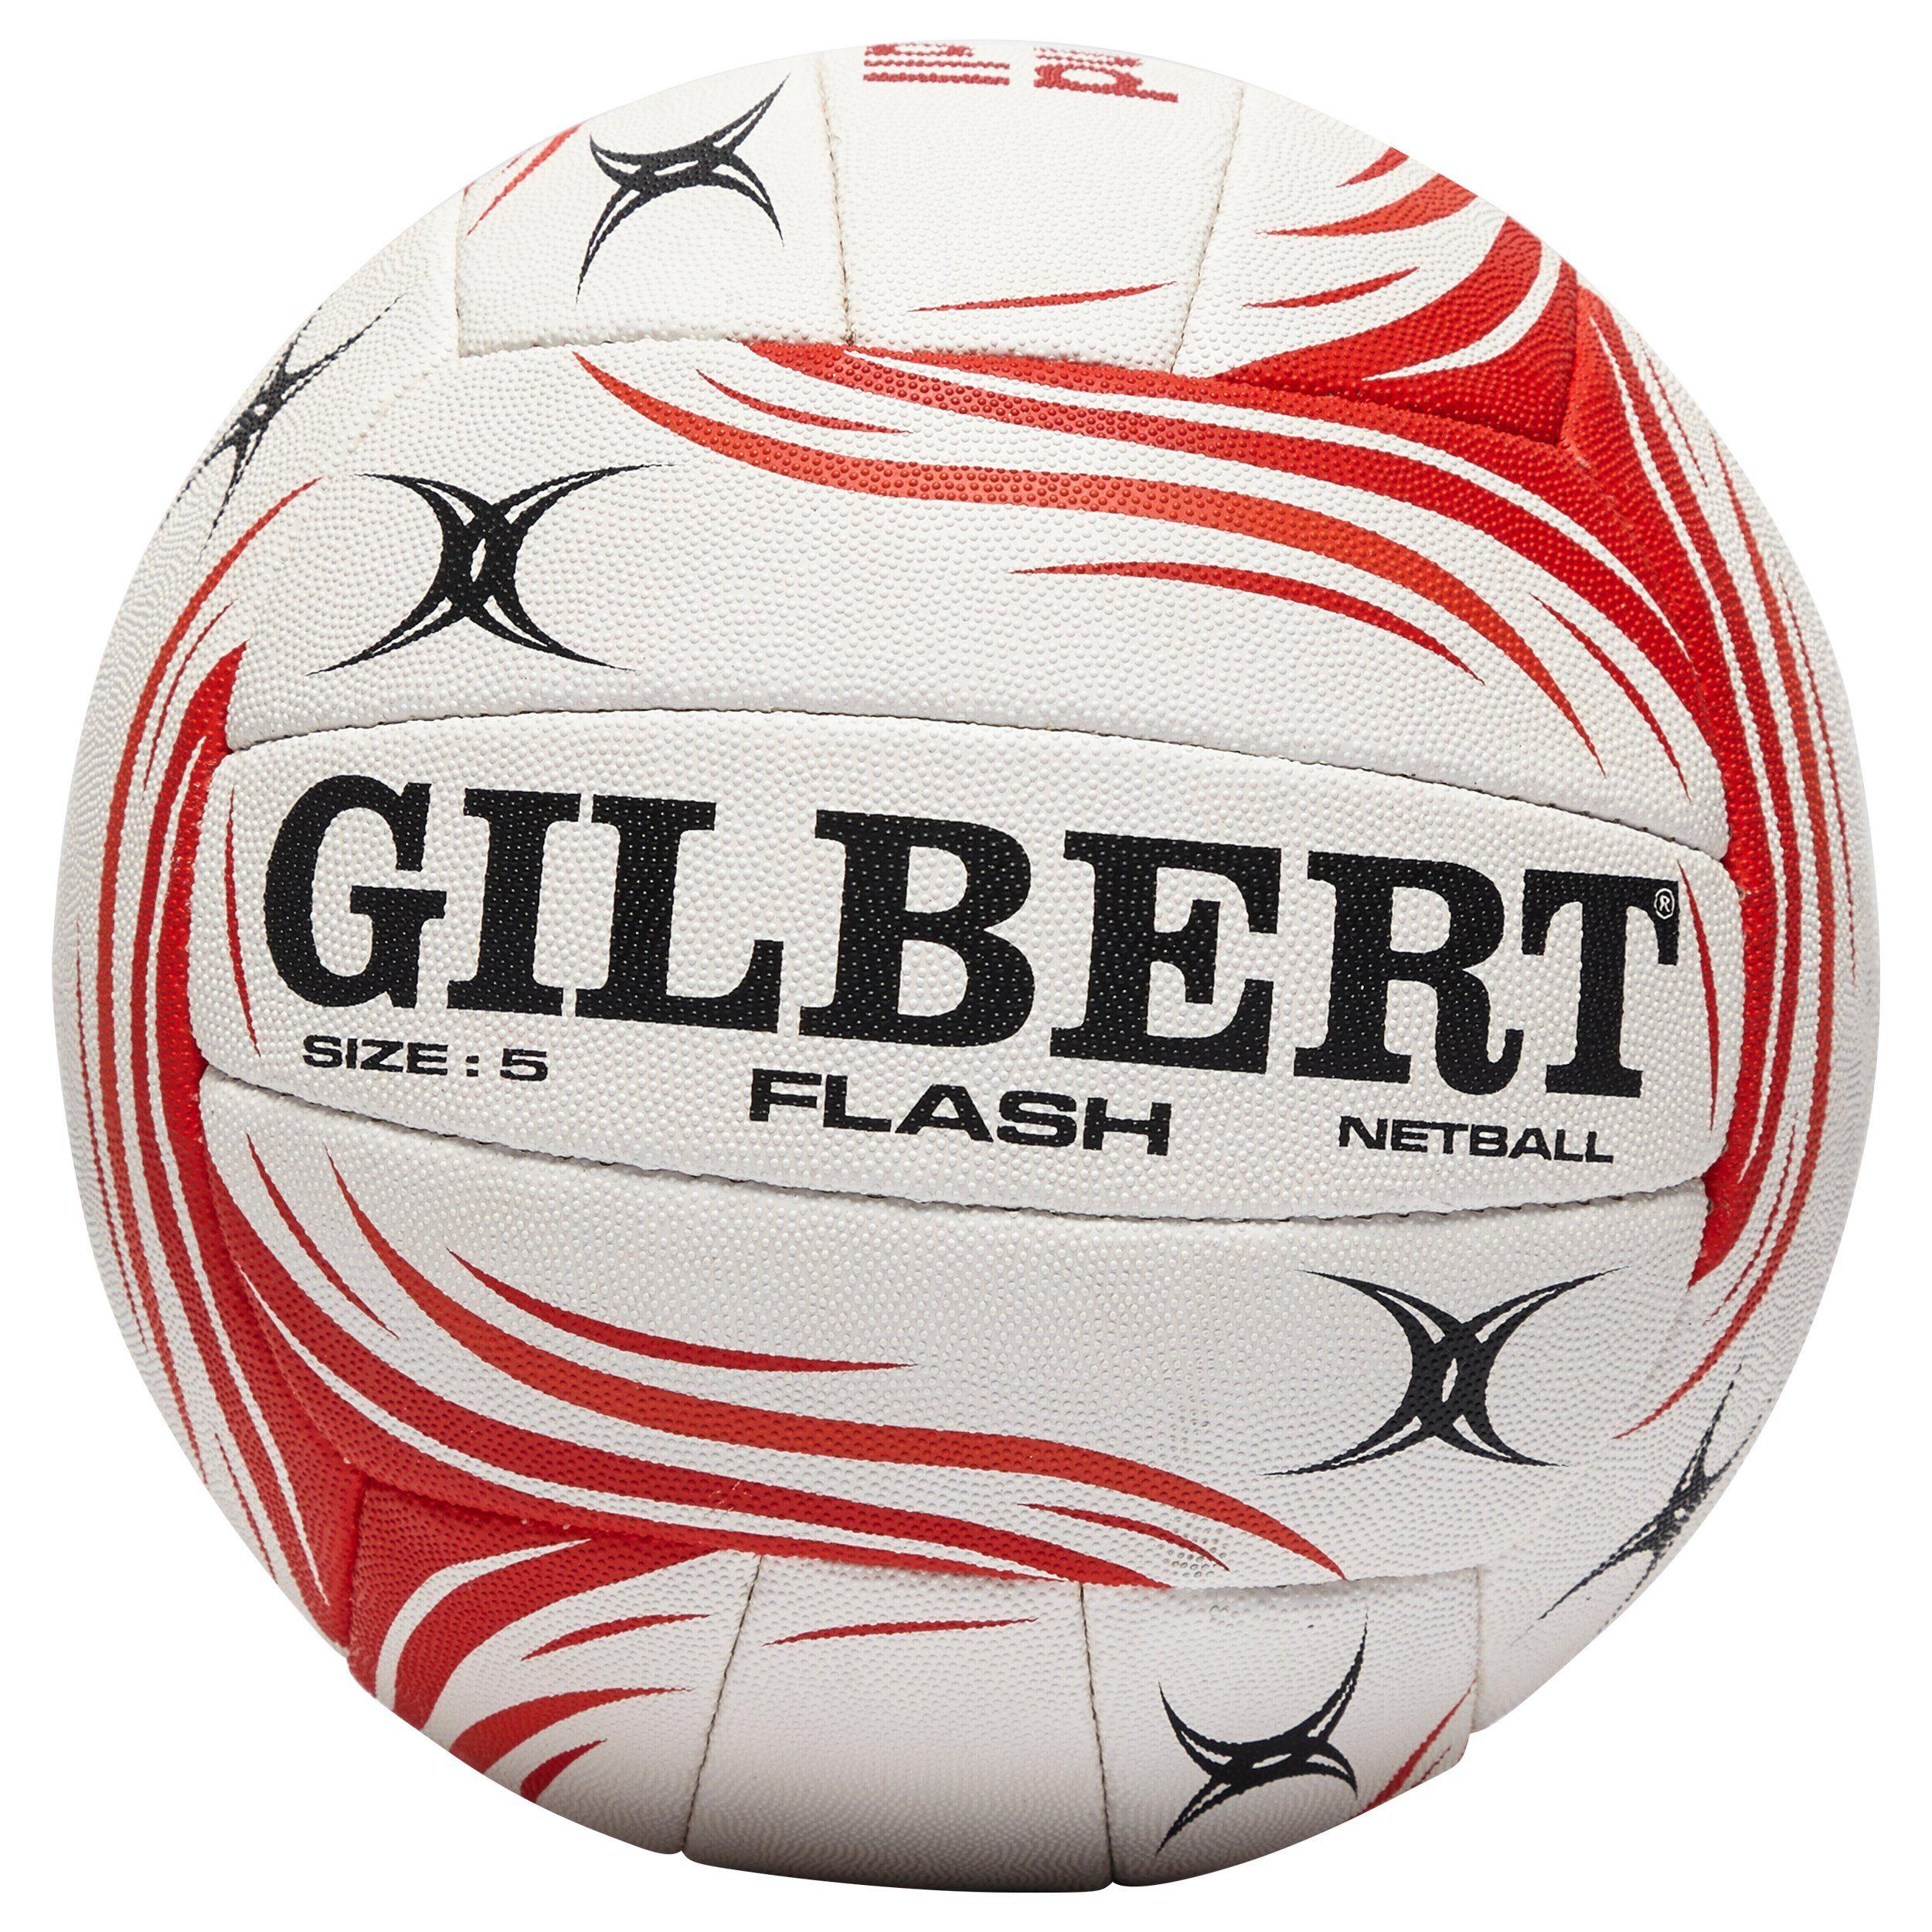 Gilbert Flash Vitality Netball